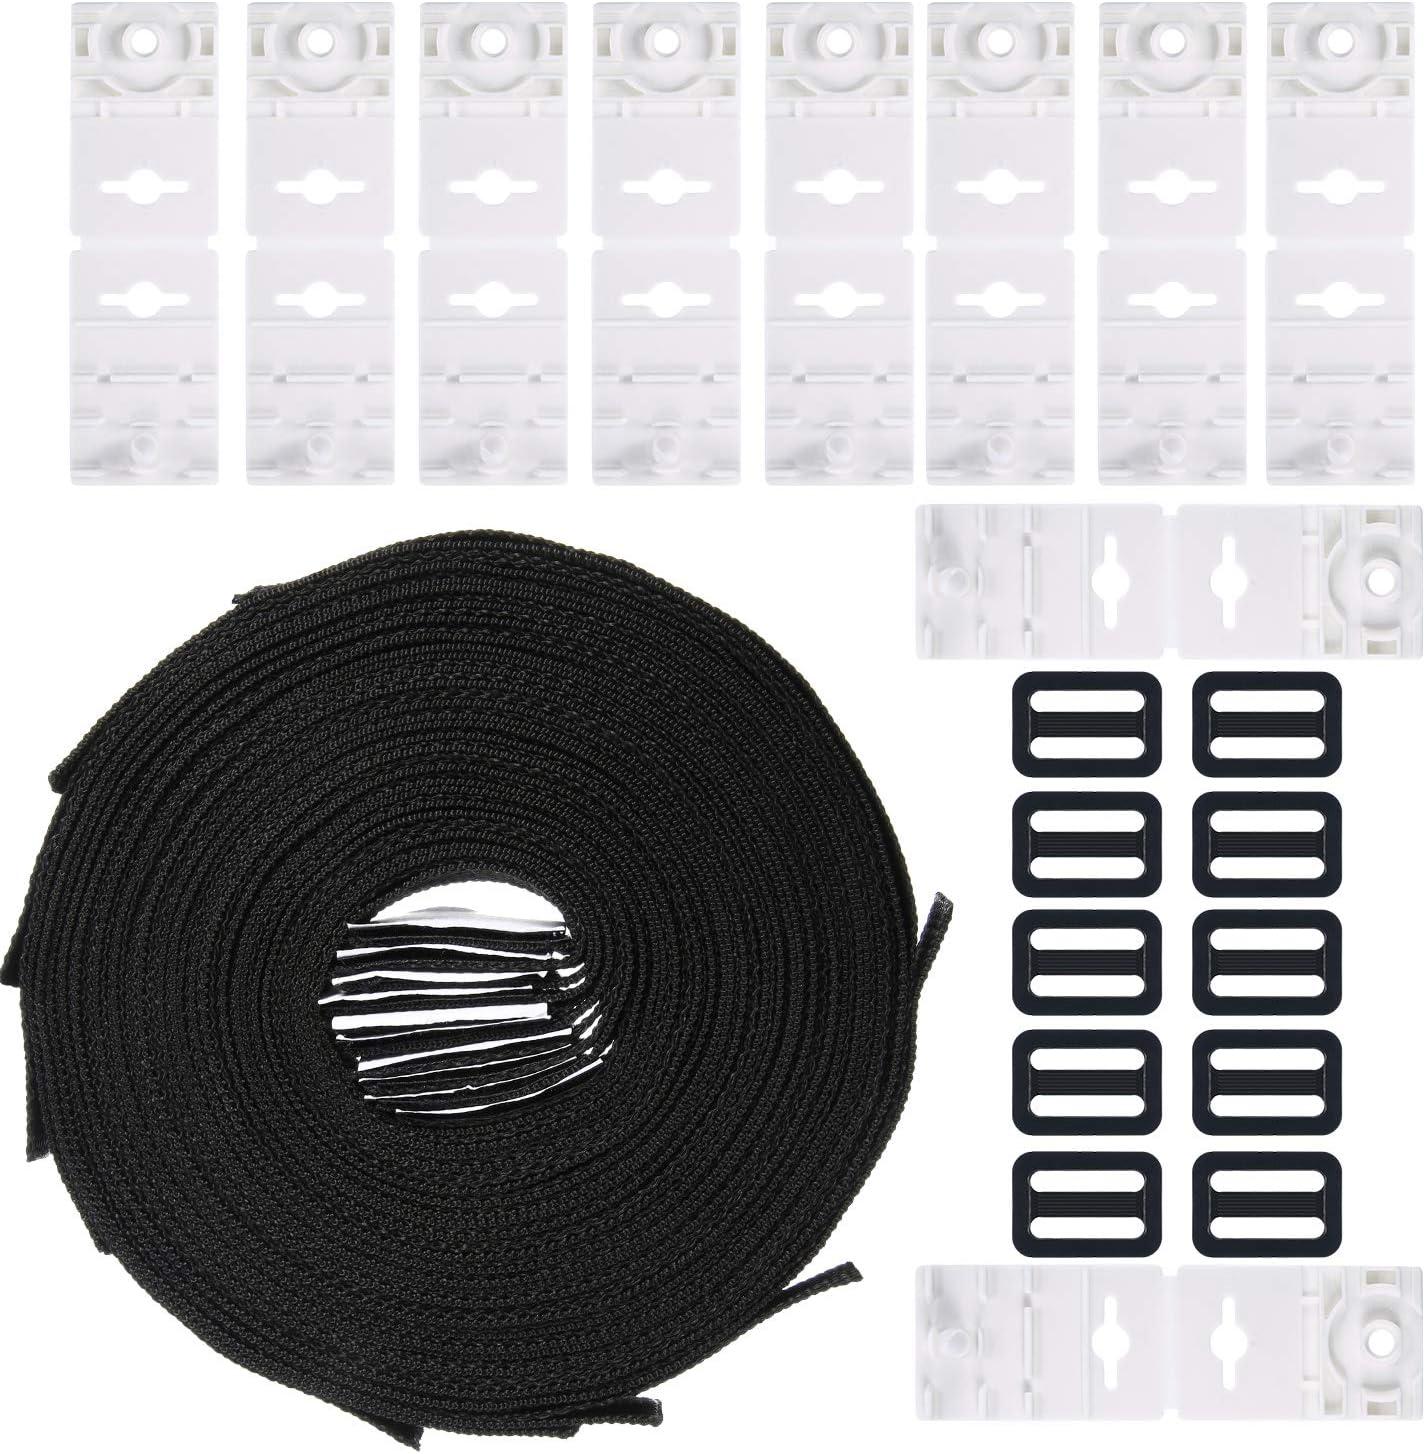 Pack of 10 Feherguard FGPFS Swimming Pool Solar Cover Fastening Kit